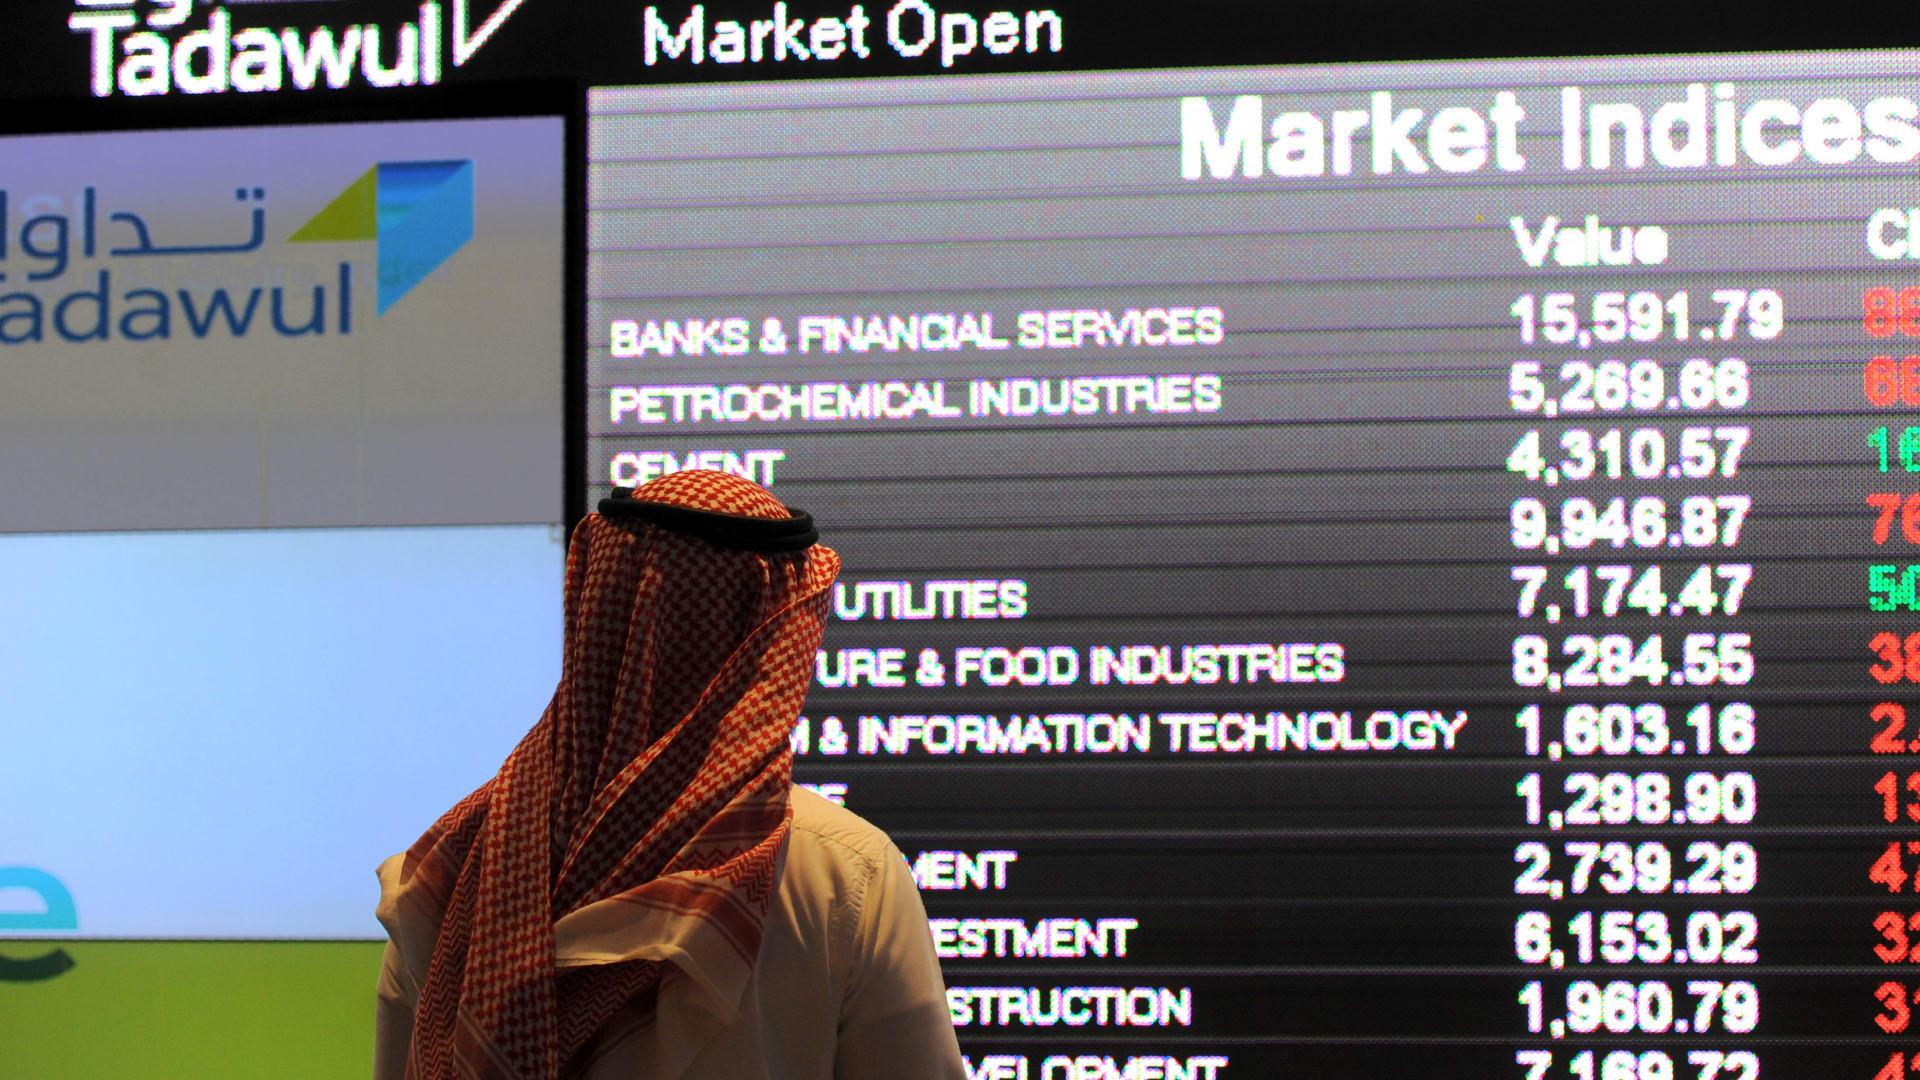 تقرير..تذبذب أسعار النفط وارتفاع الفائدة ضغط على الاكتتابات بالشرق الأوسط في الربع الثالث